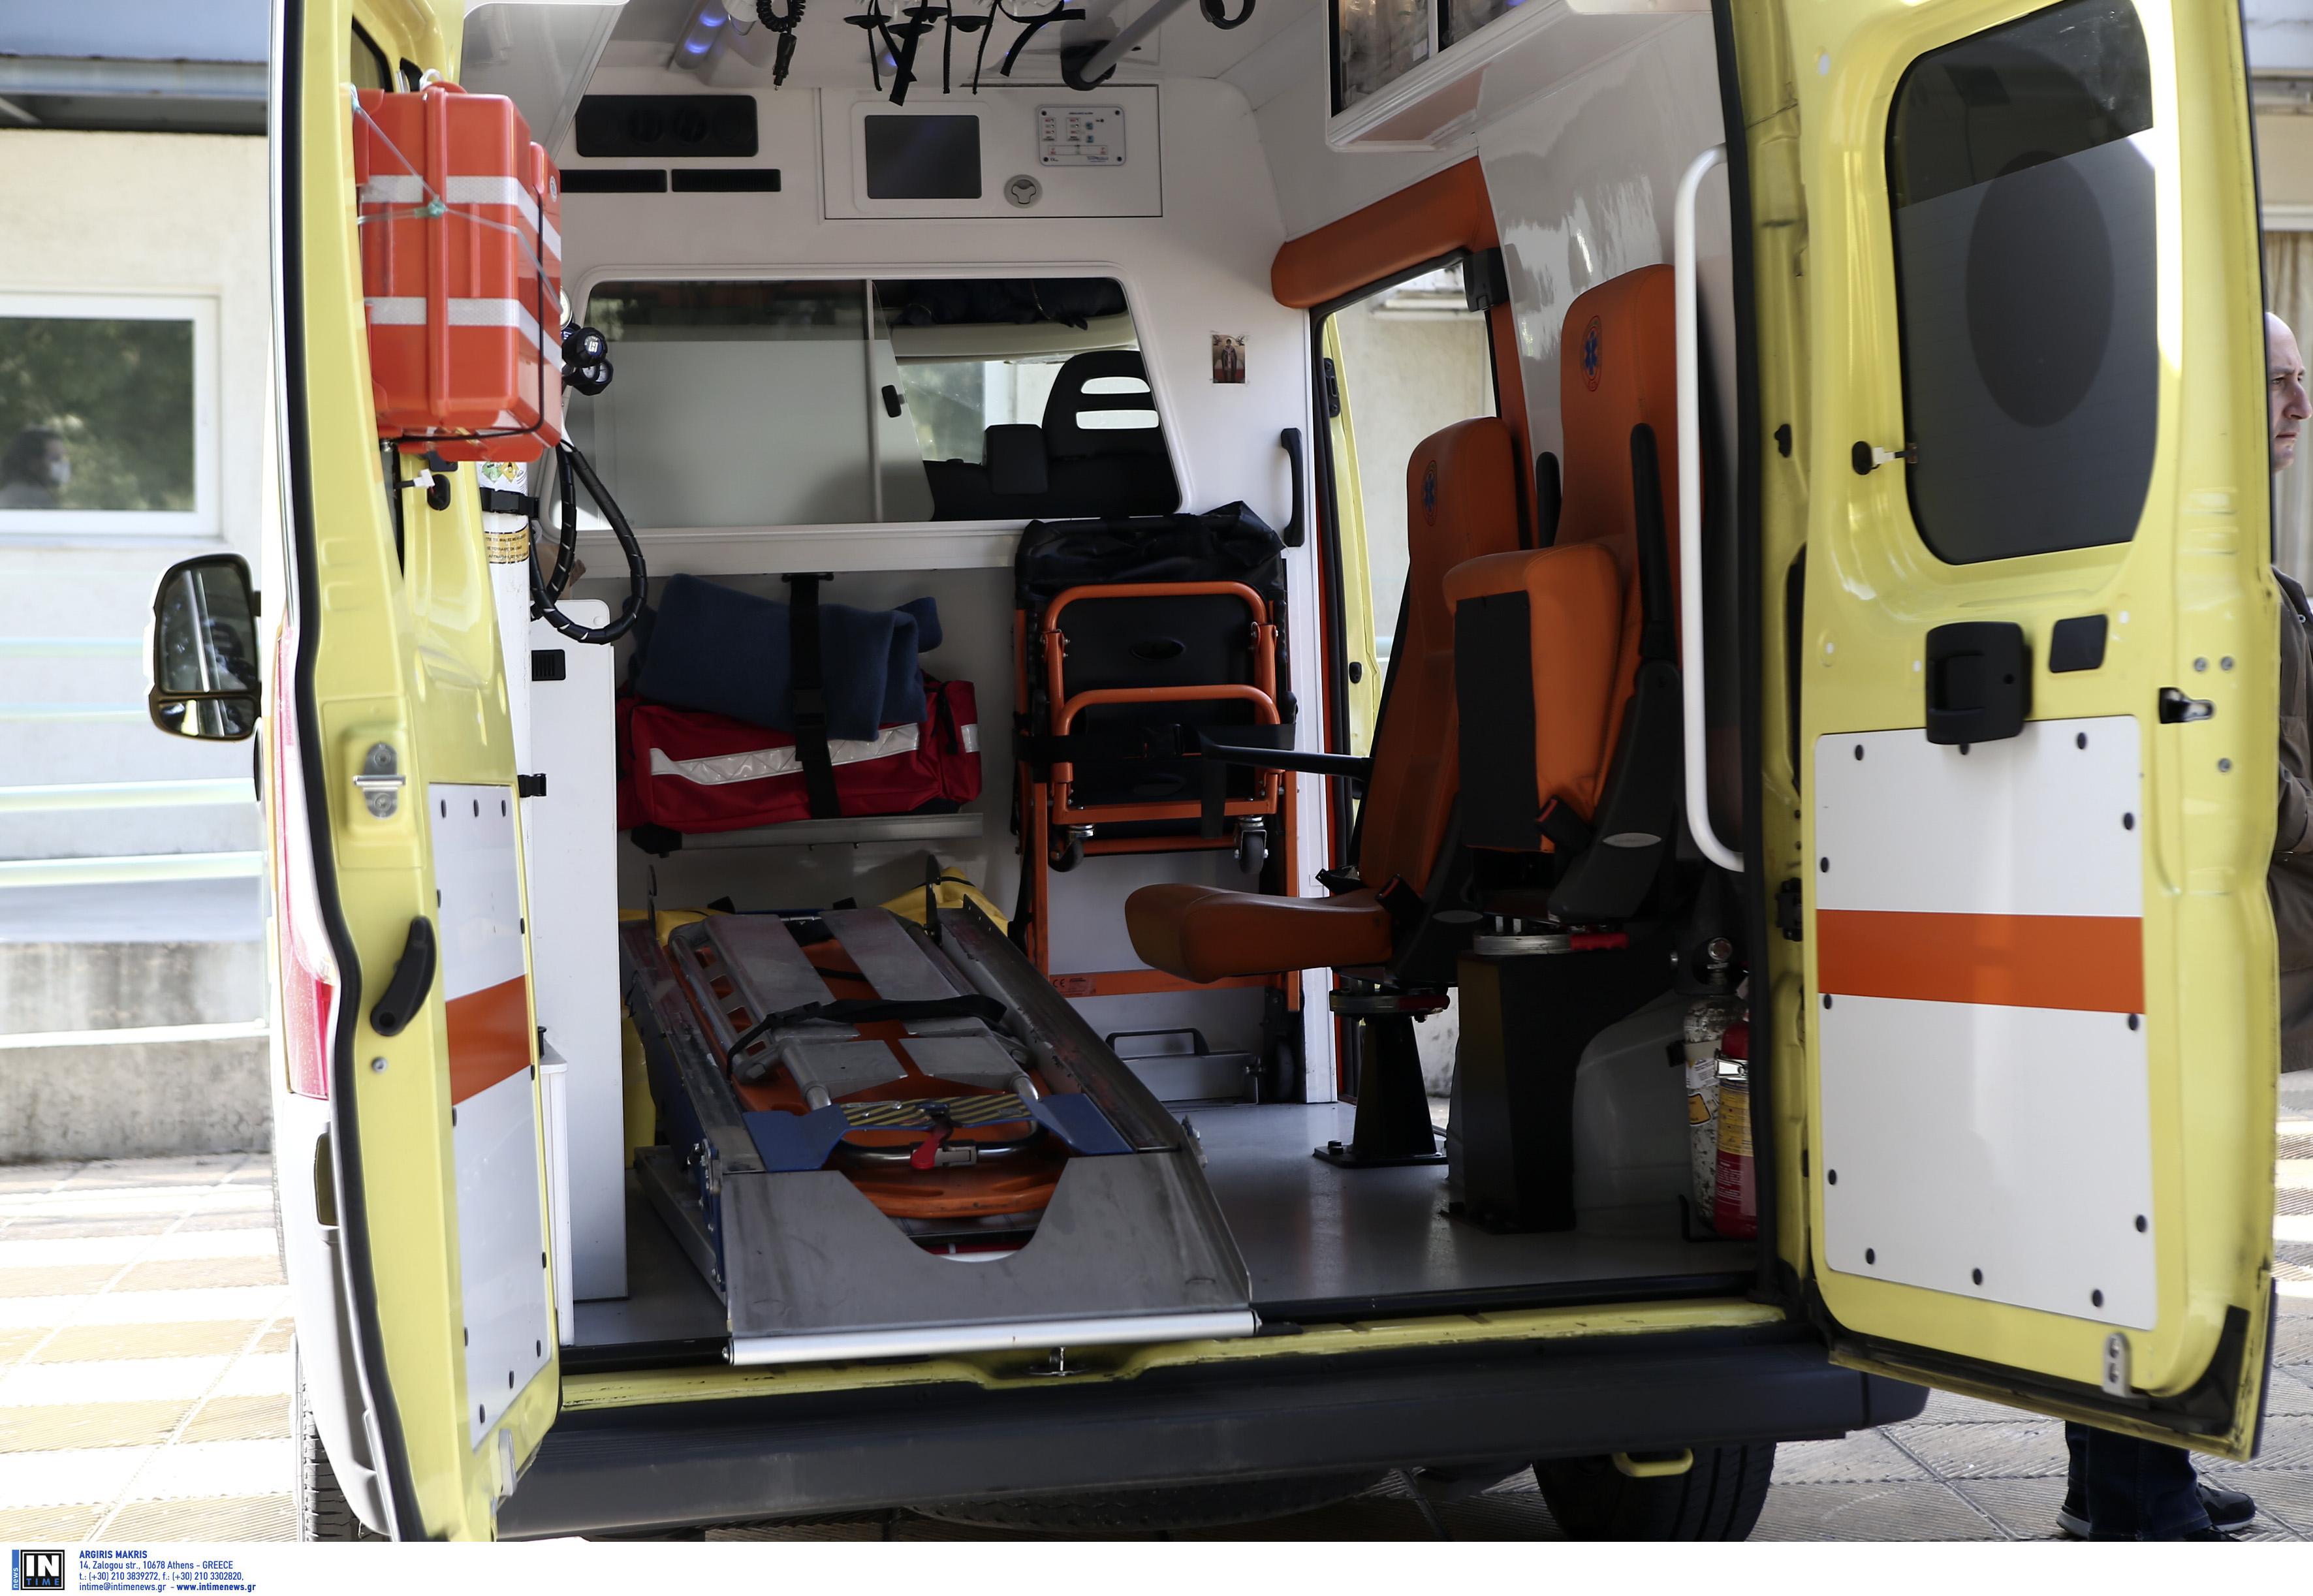 Λάρισα: Έστειλε στο νοσοκομείο τον επίδοξο βιαστή της! Το χτύπημα που δύσκολα θα ξεχάσει